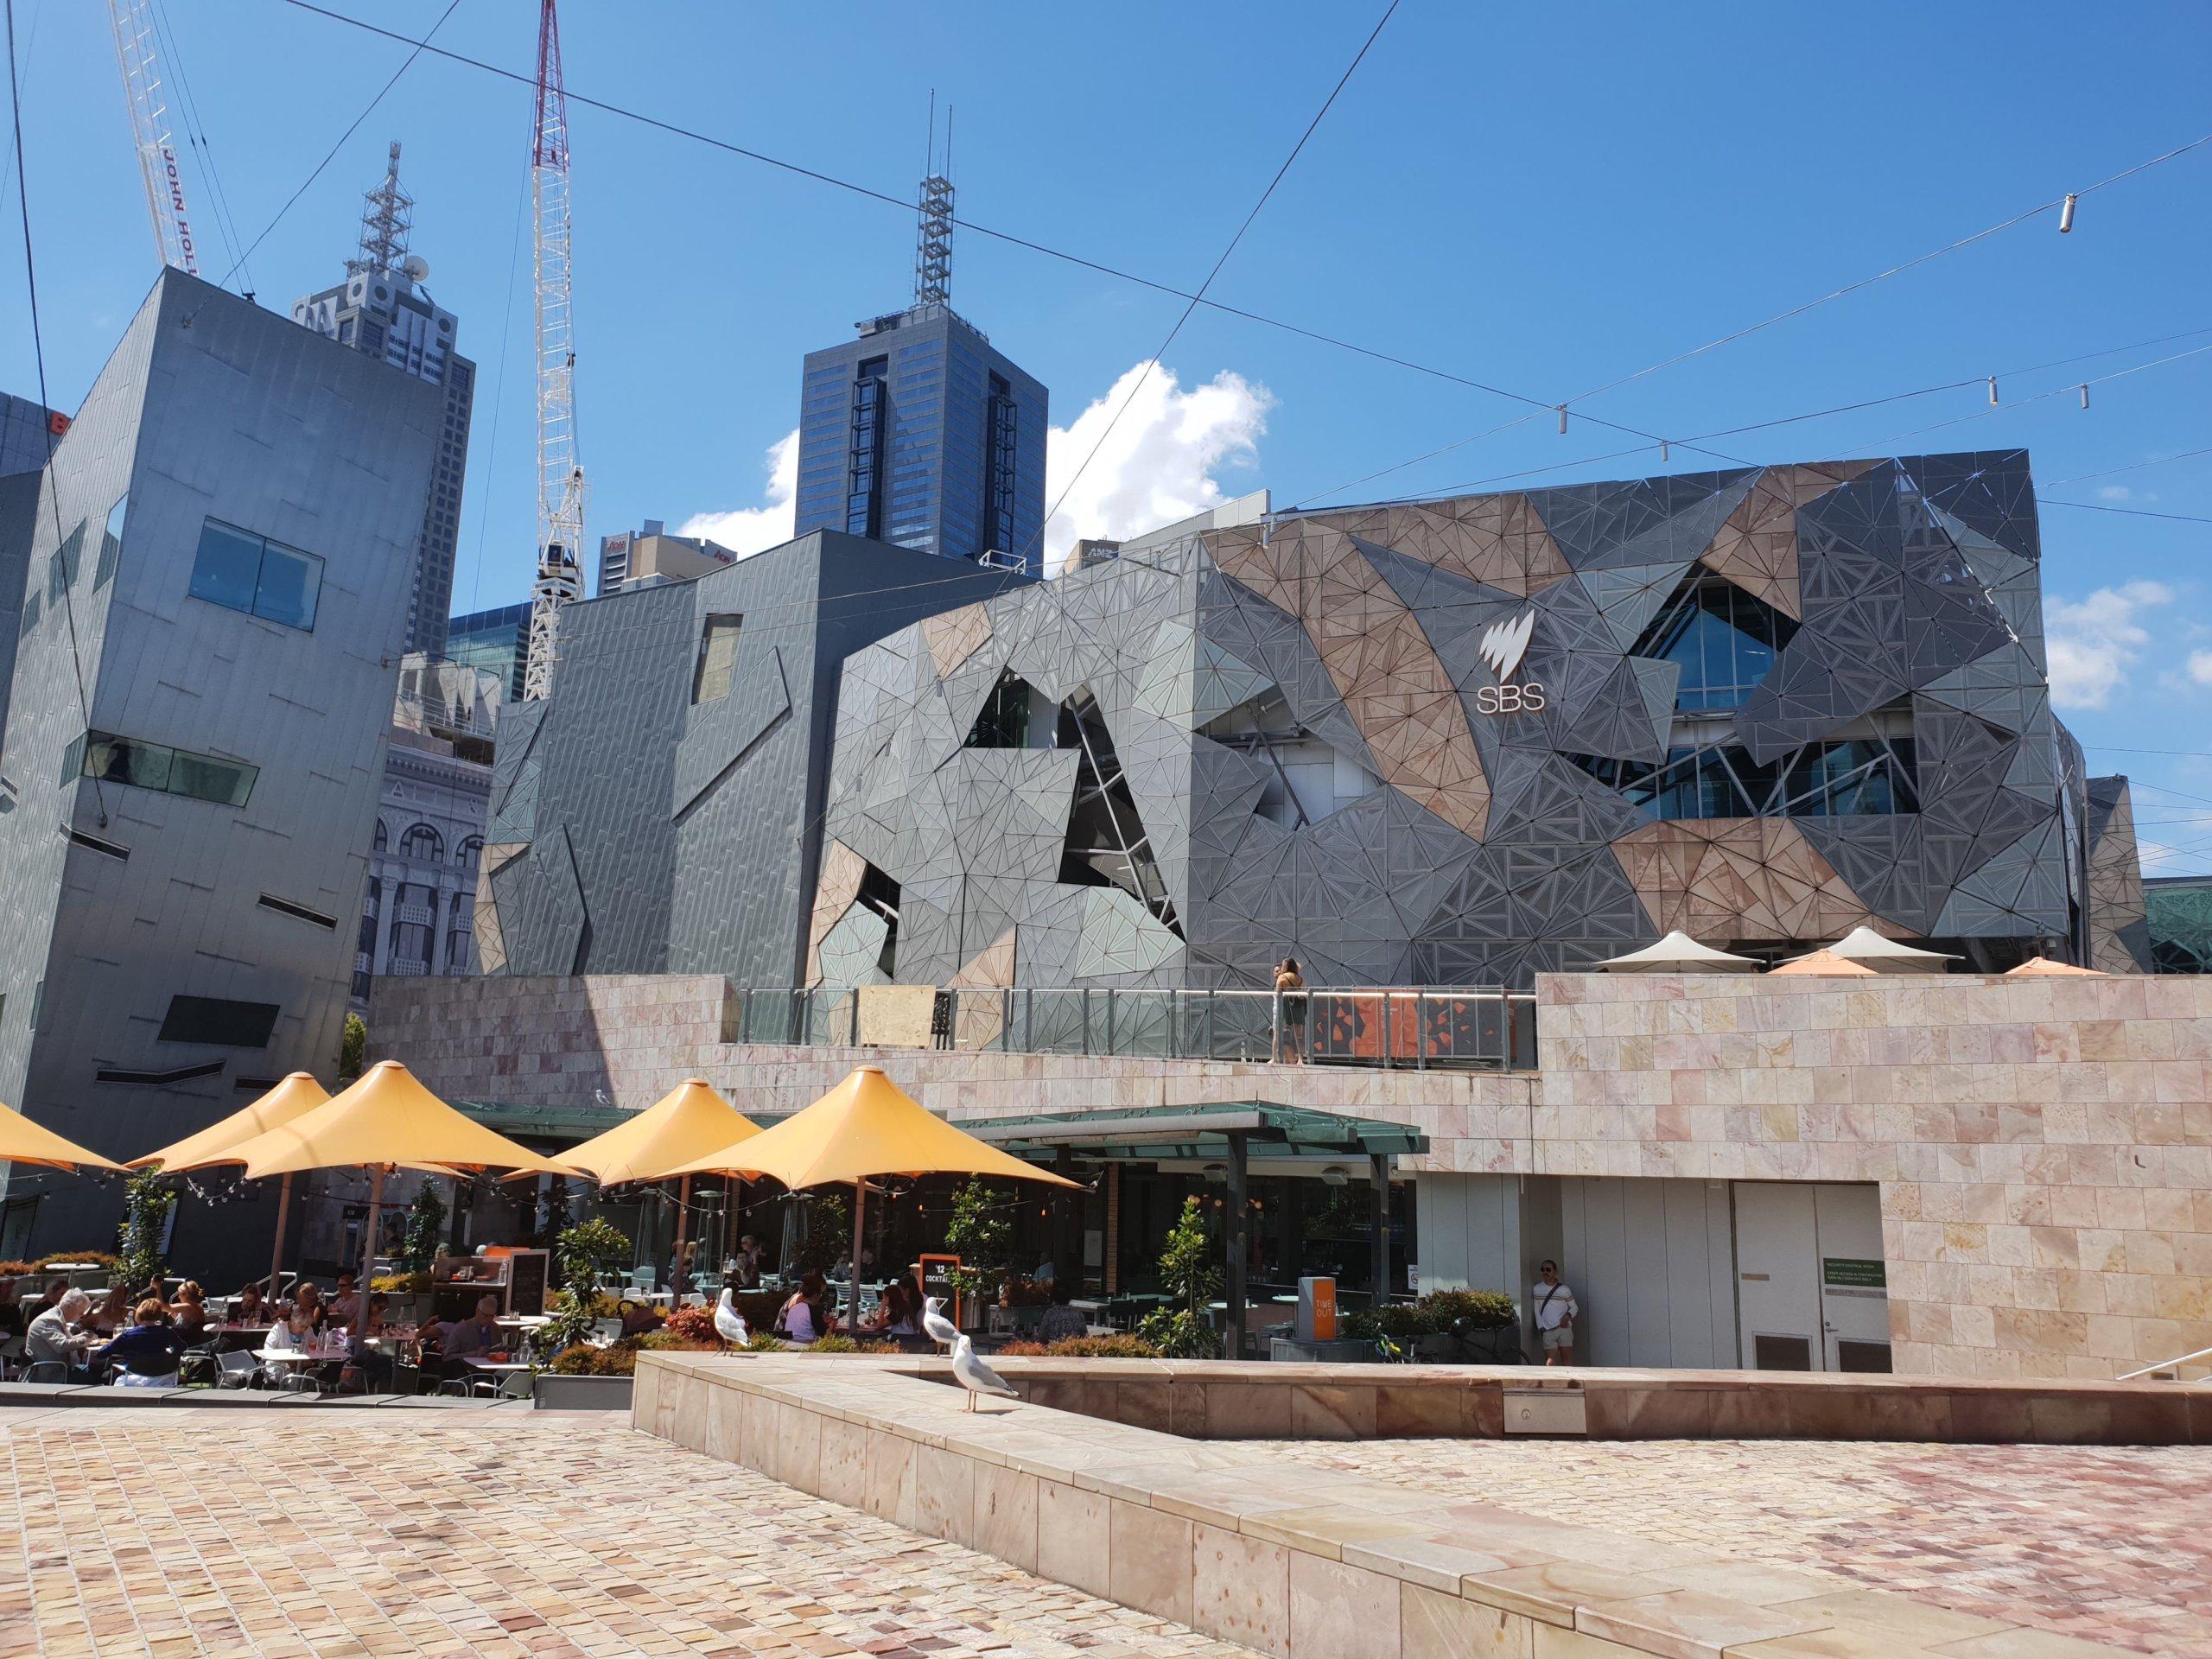 メルボルンで最初に訪れたいフェデレーションスクエアとその周辺